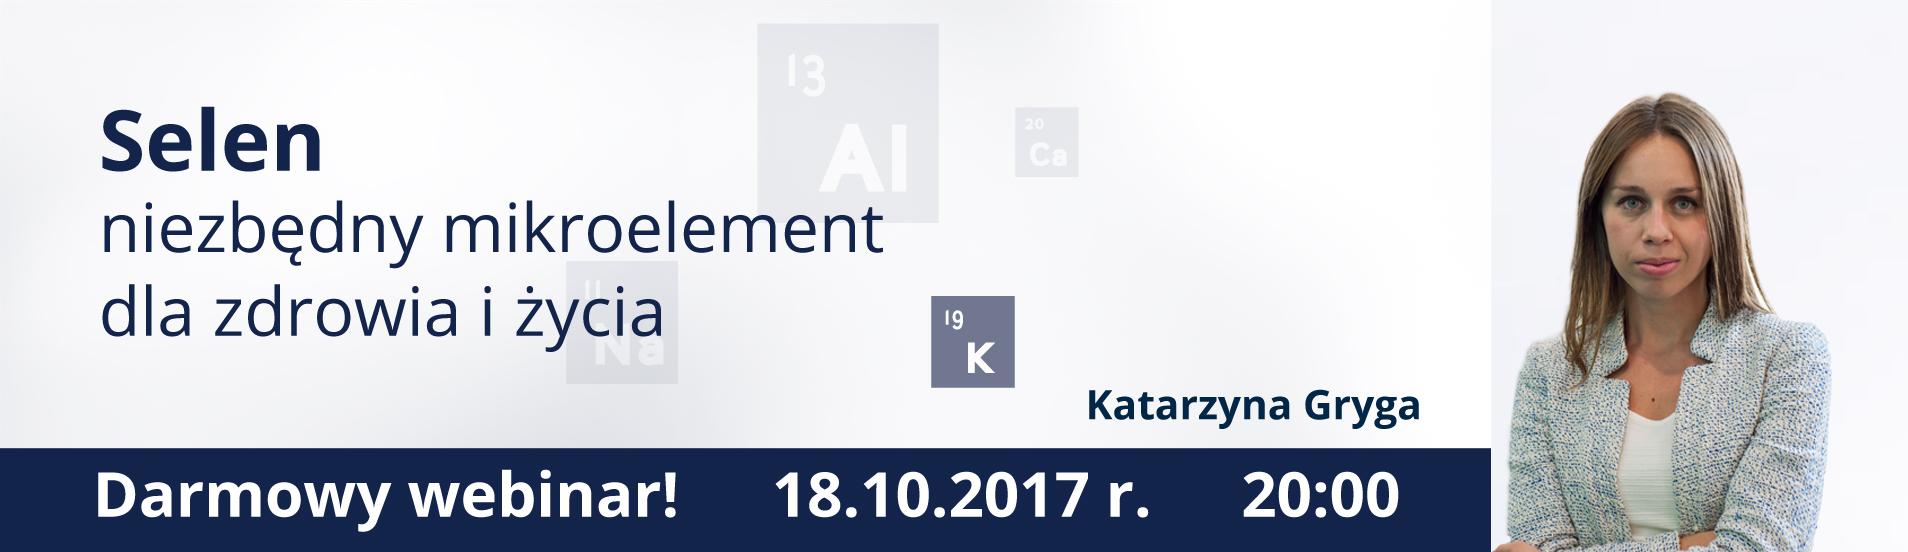 webinar 18.10.2017